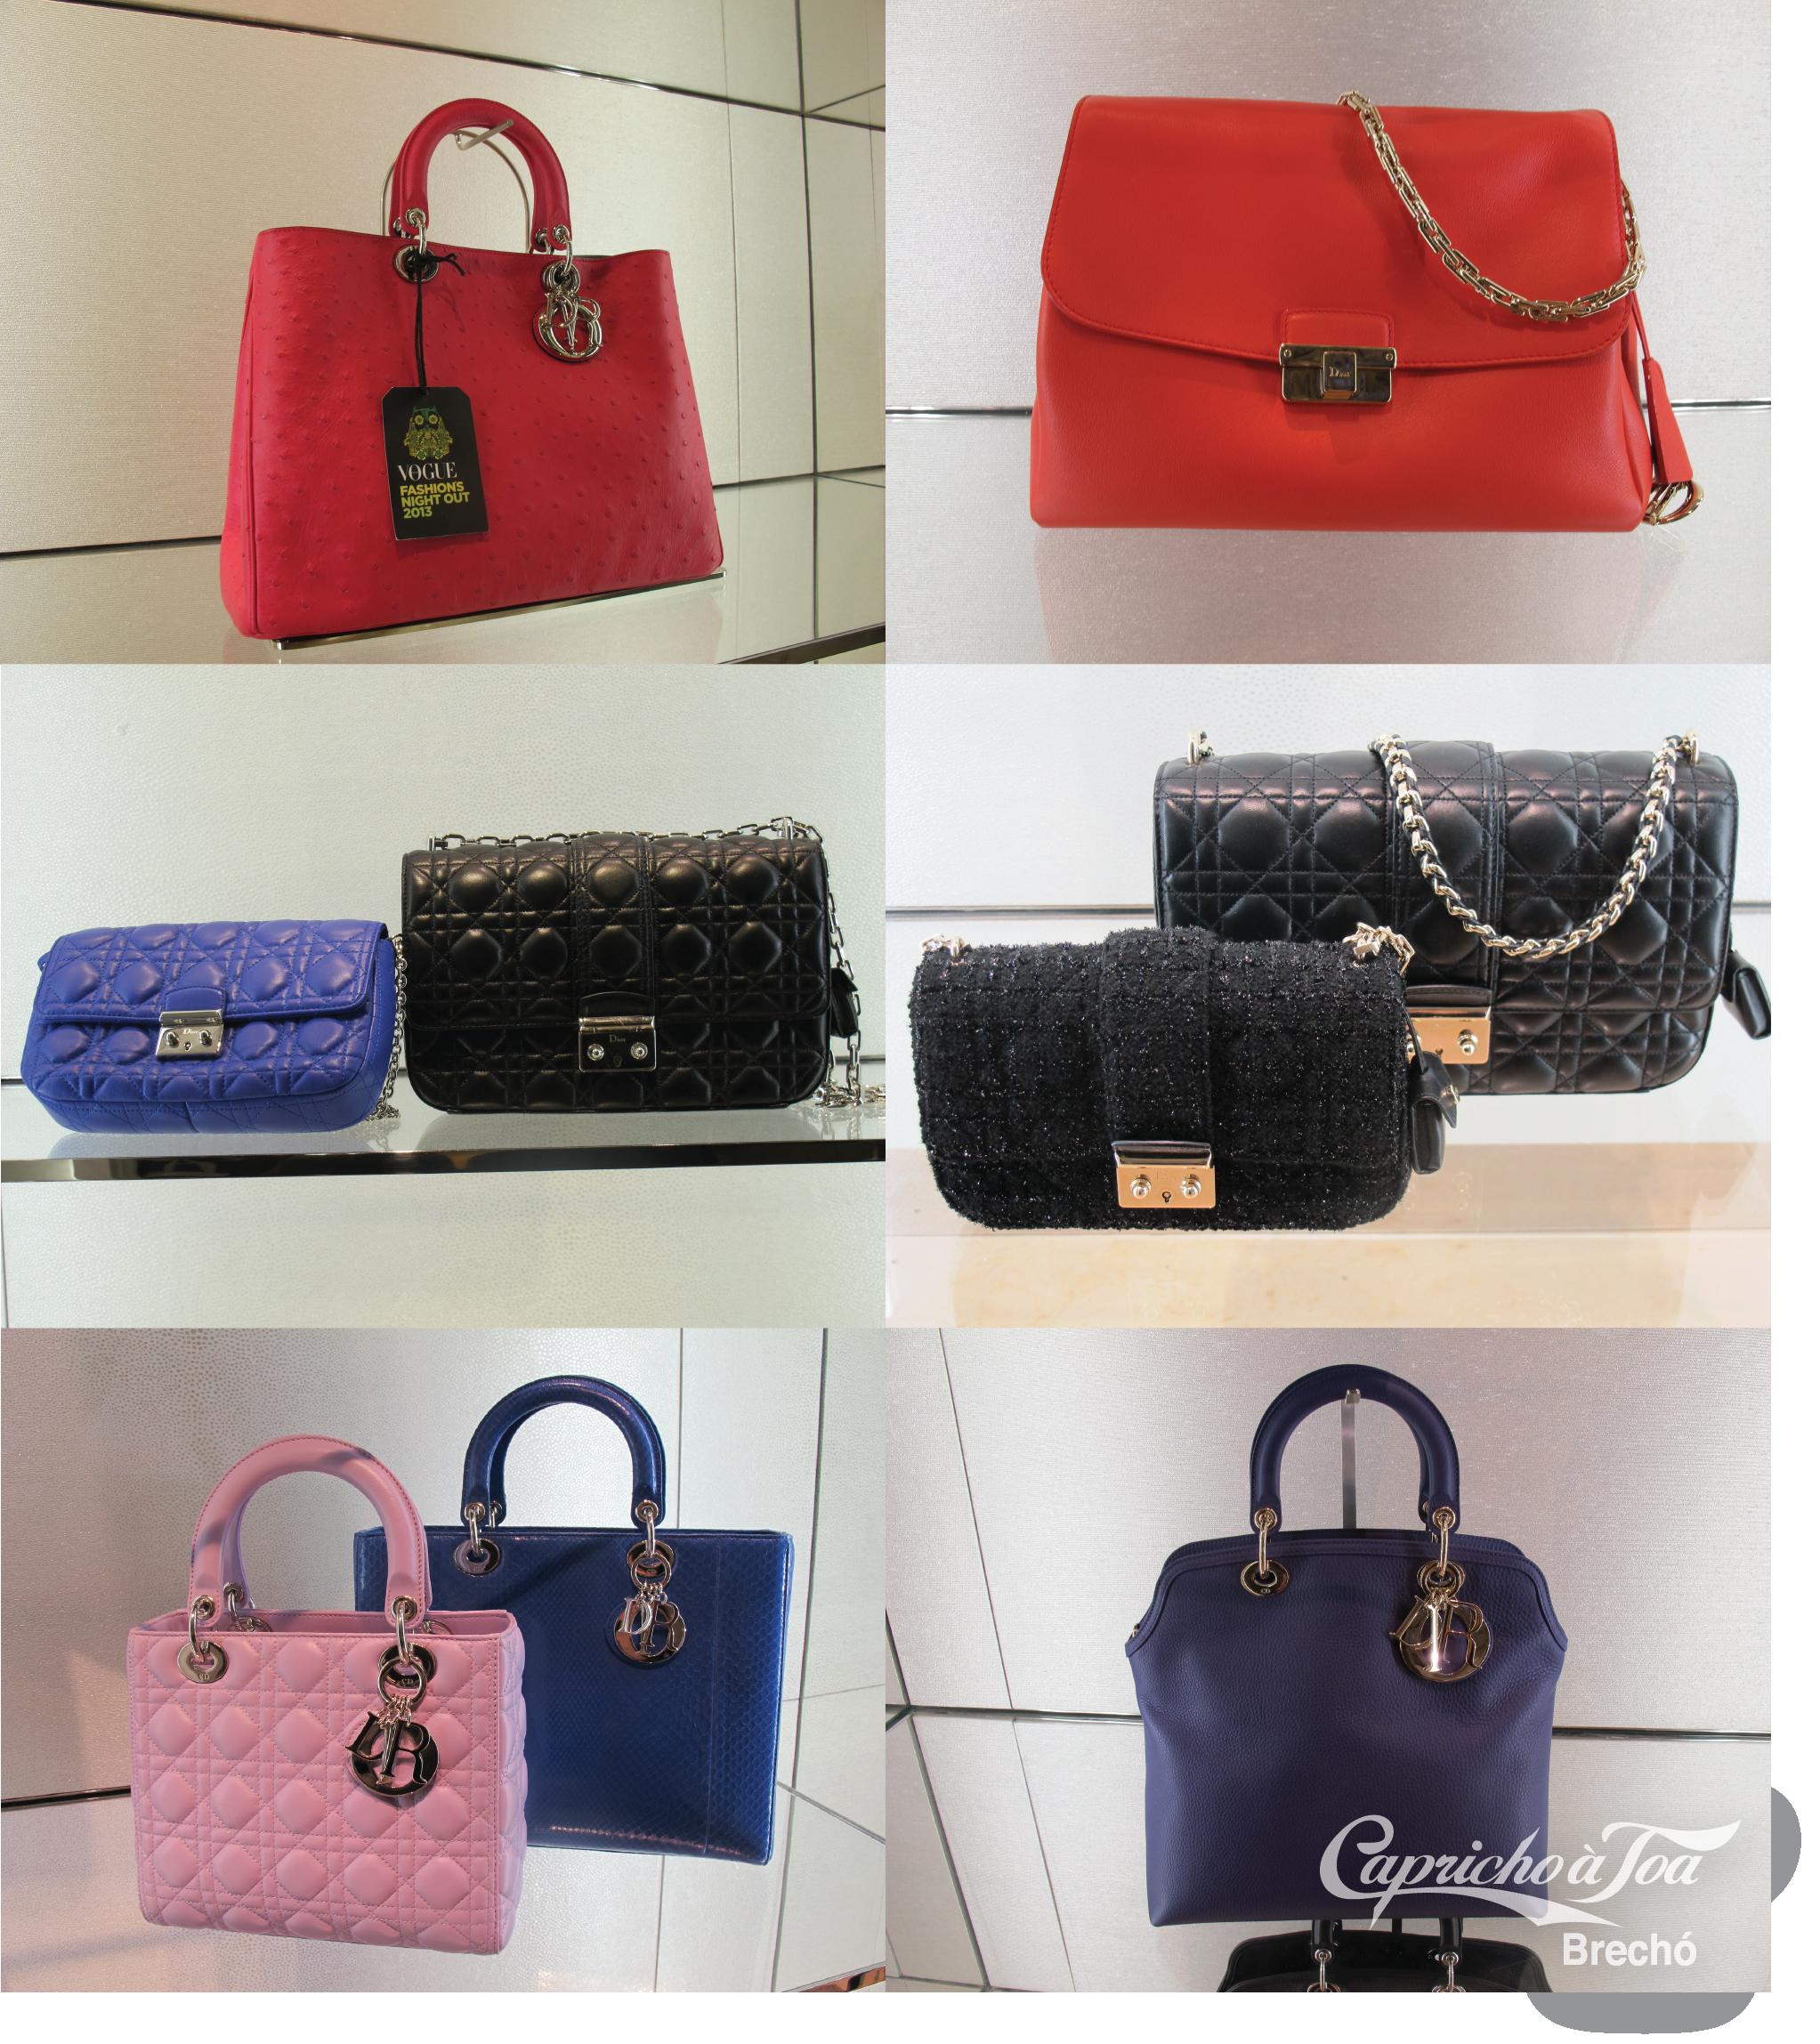 dfb168ab9 Vogue FNO – Um tour pela Dior | Blog de moda do Brechó Capricho à Toa